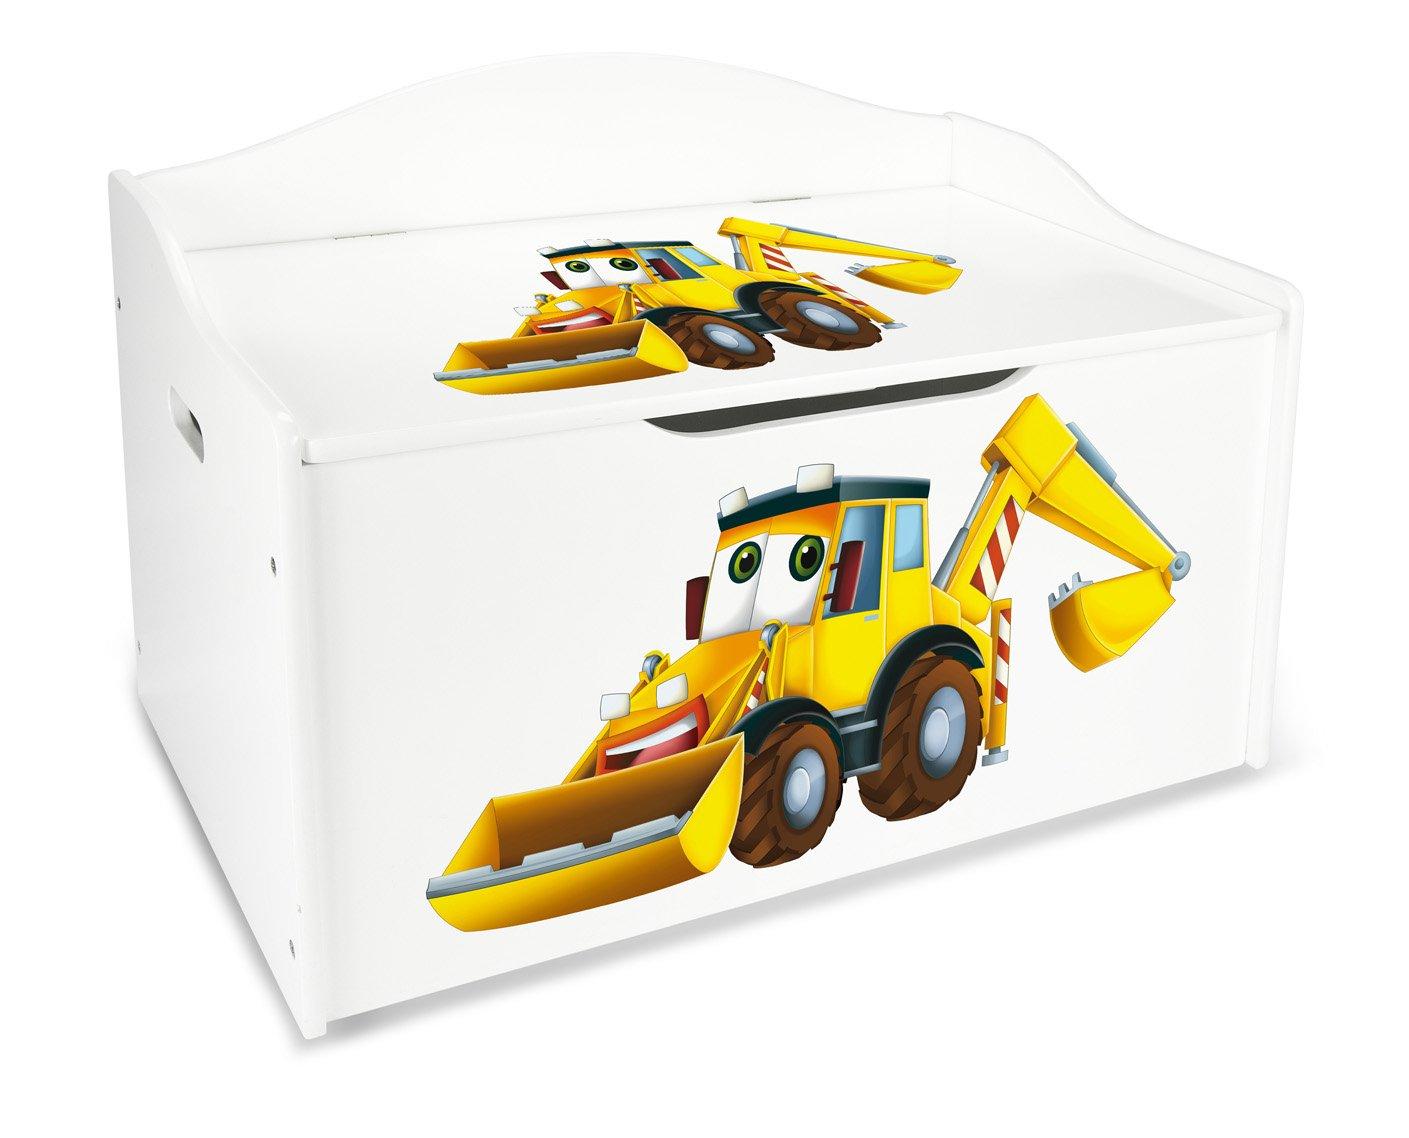 Mobili Per Giochi Bambini : Leomark contenitore porta giochi xl in legno cesta per giochi